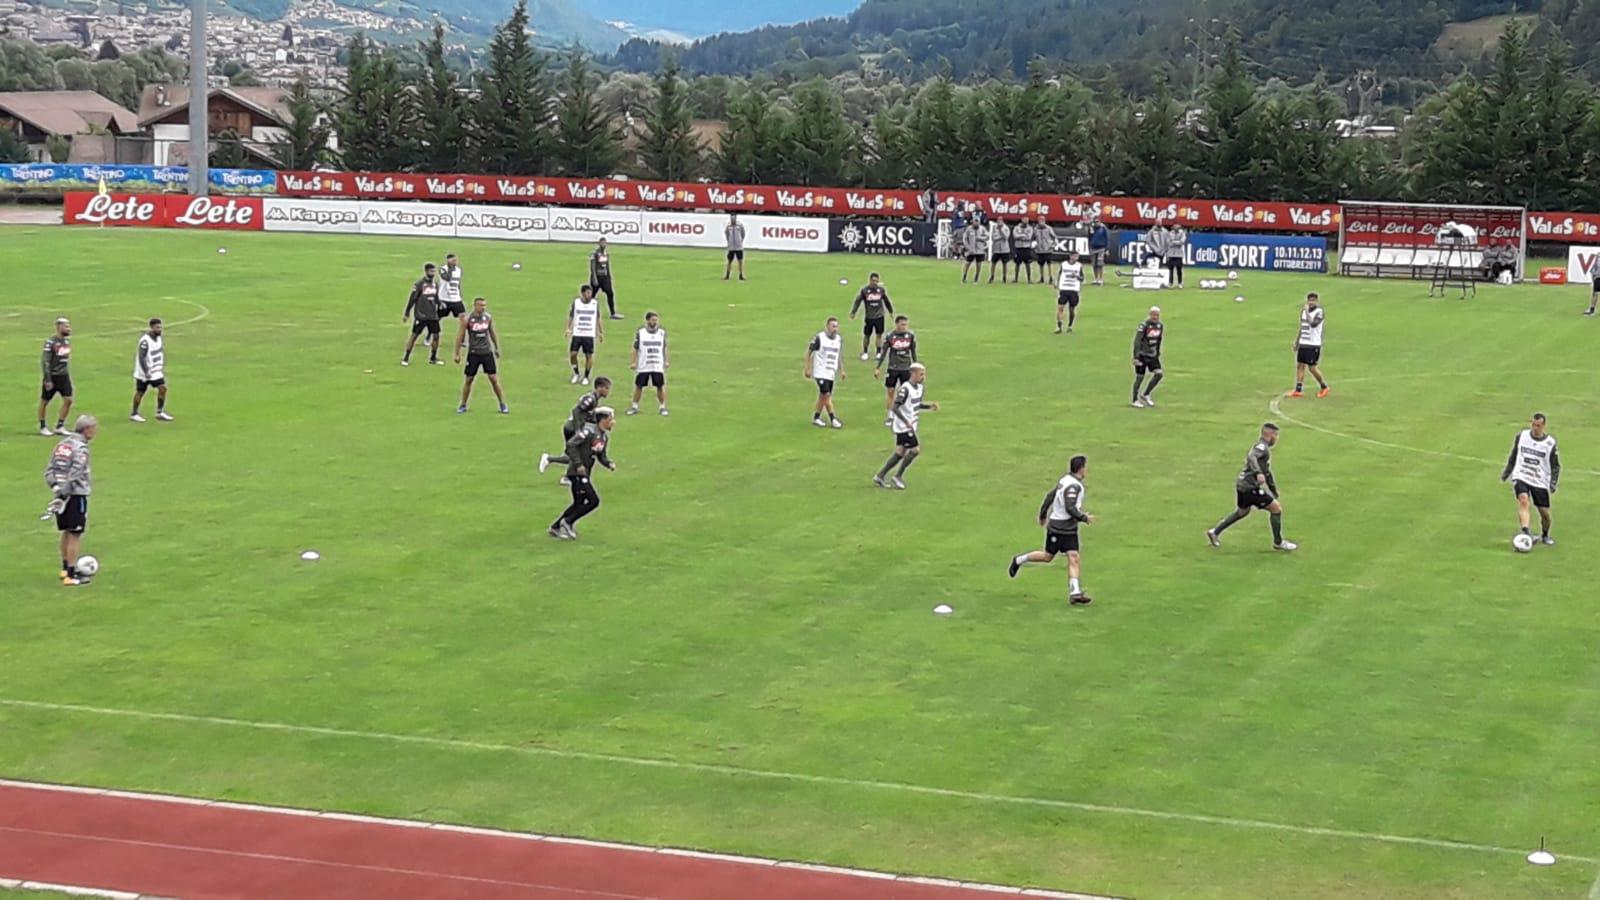 Qui Dimaro. Ancelotti persevera nel 4-2-3-1. Tonelli ko, Inglese ai saluti